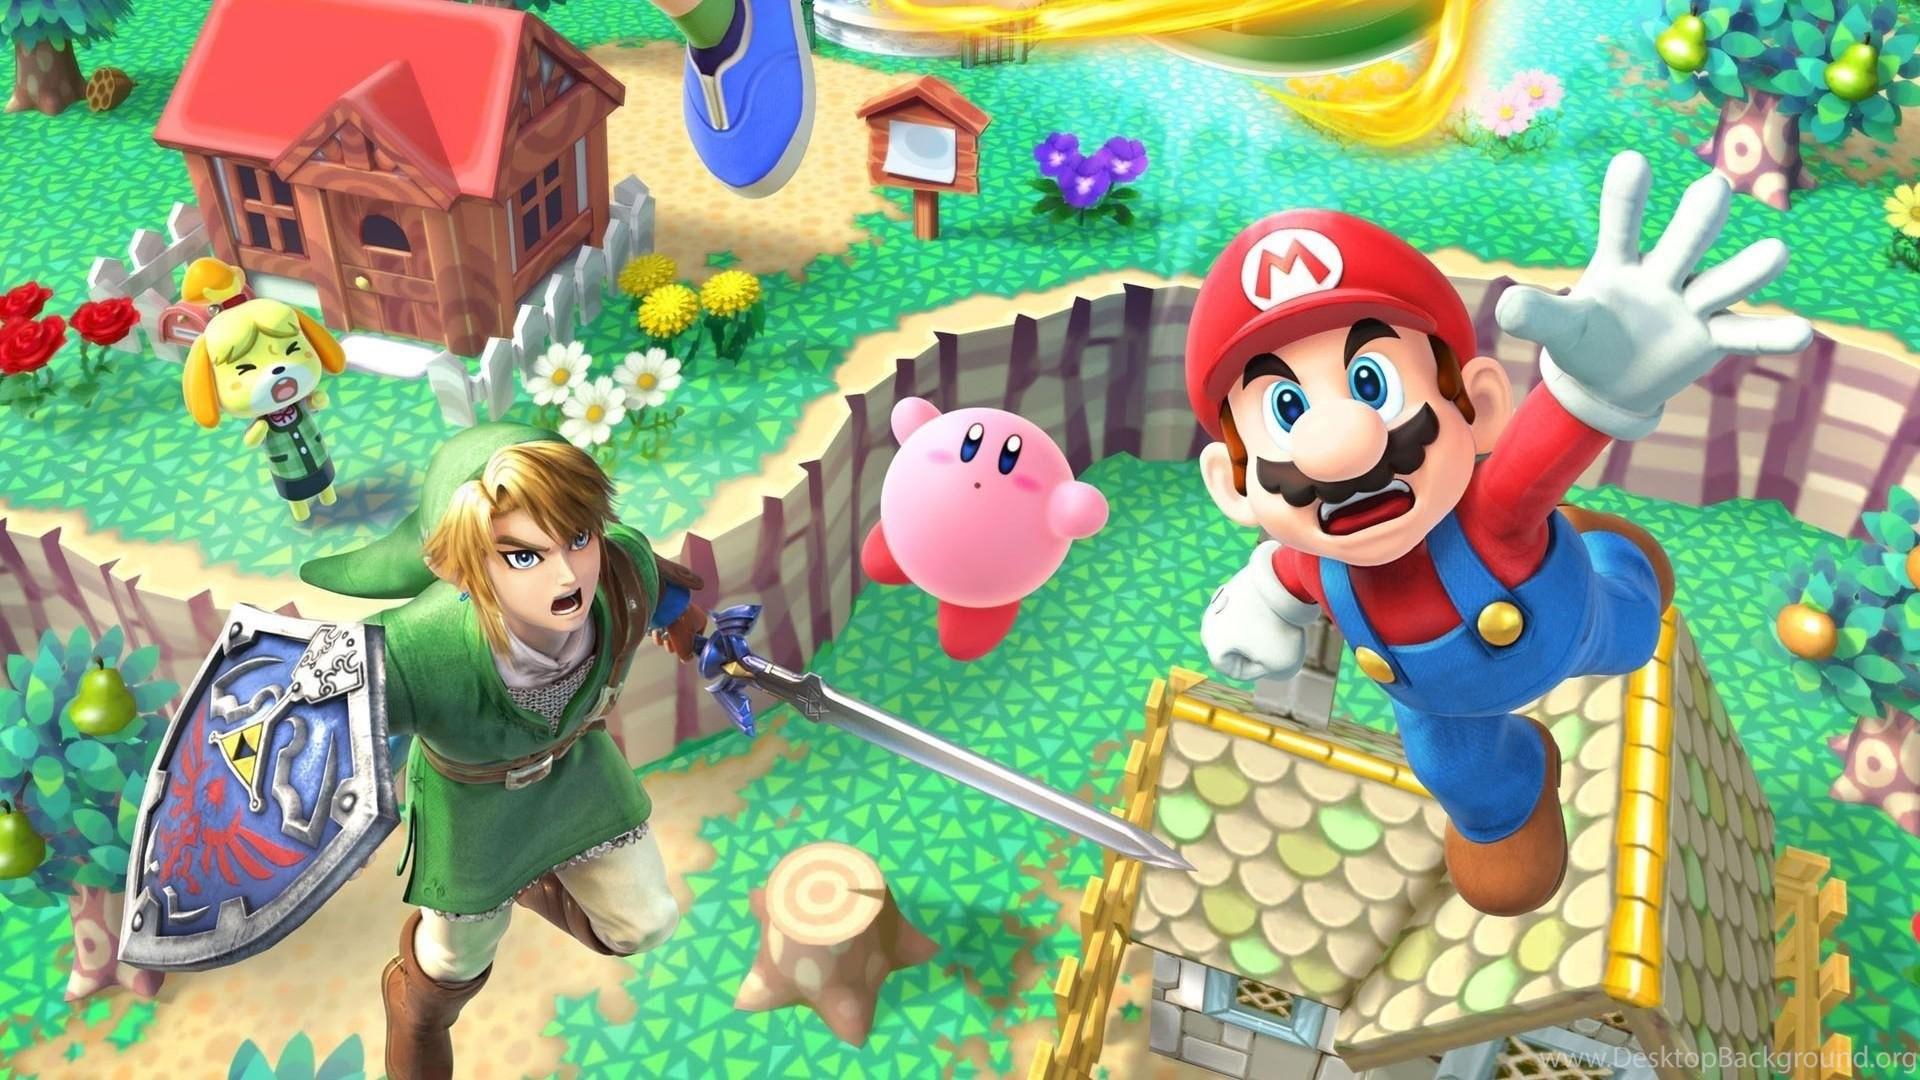 Link Mario Super Smash Bros Animal Crossing Wallpapers